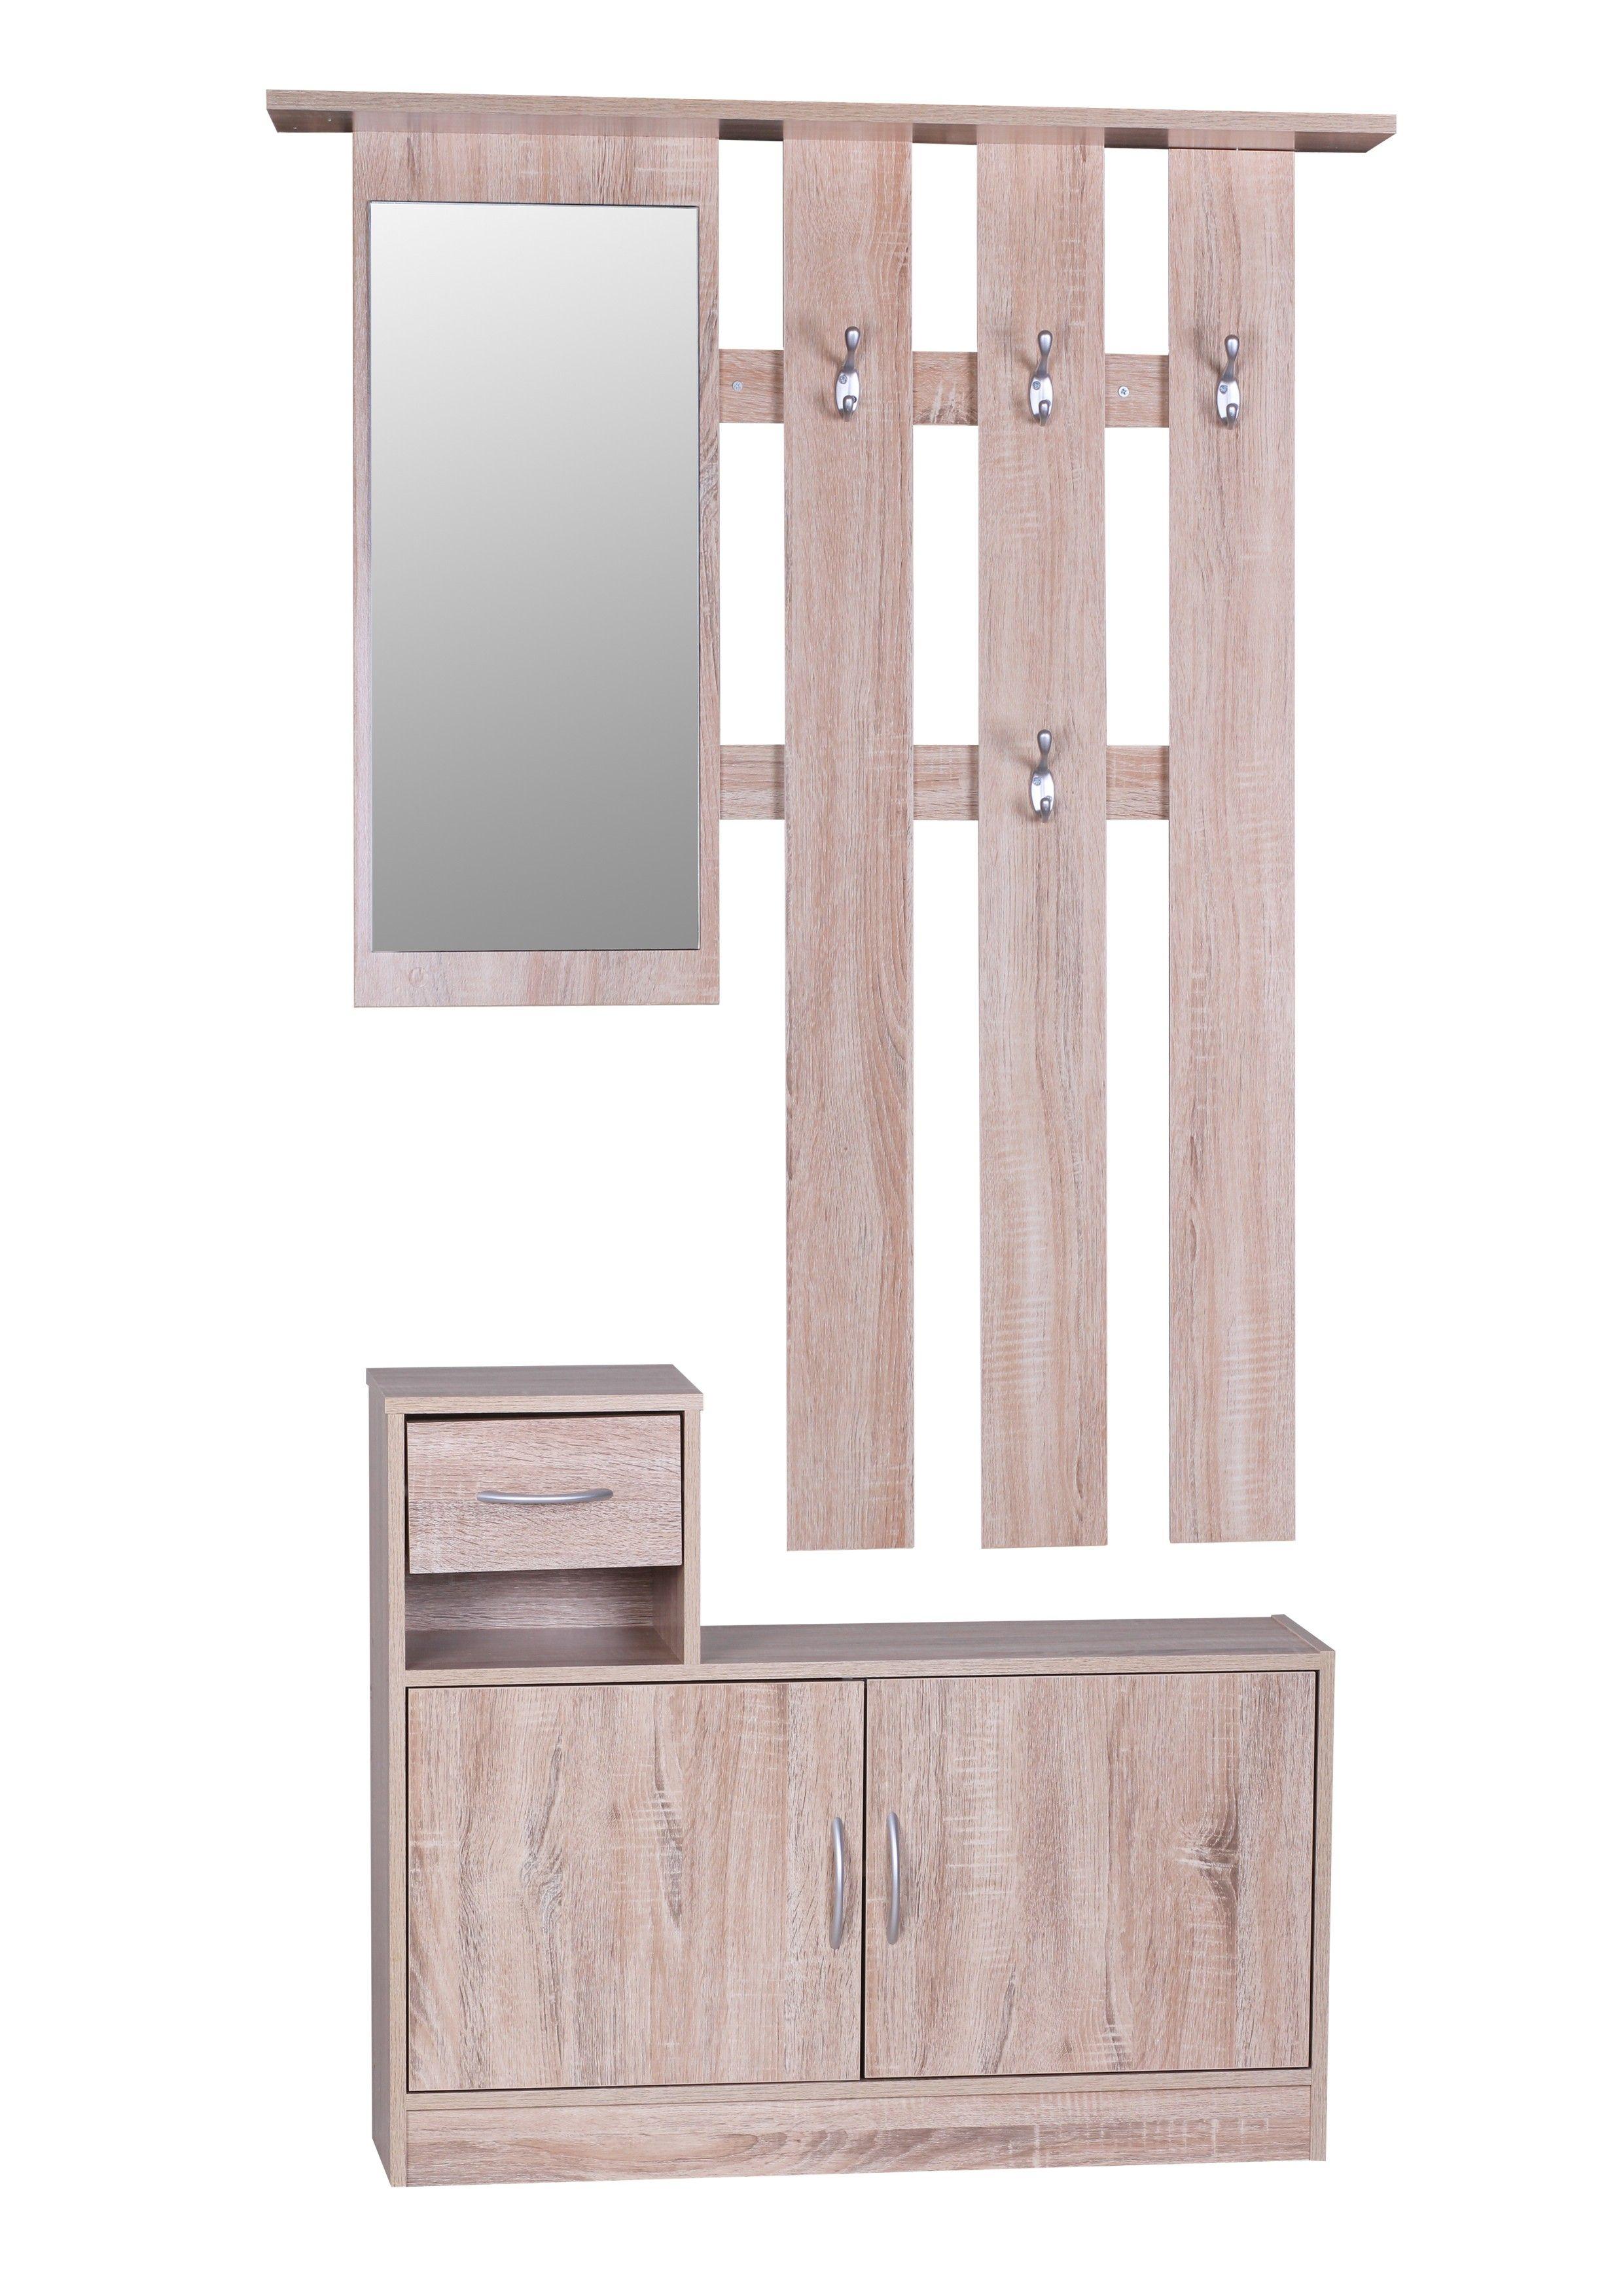 Garderobe Julia Sonoma 90 Cm Mit Spiegel Und Wandgarderobe Home